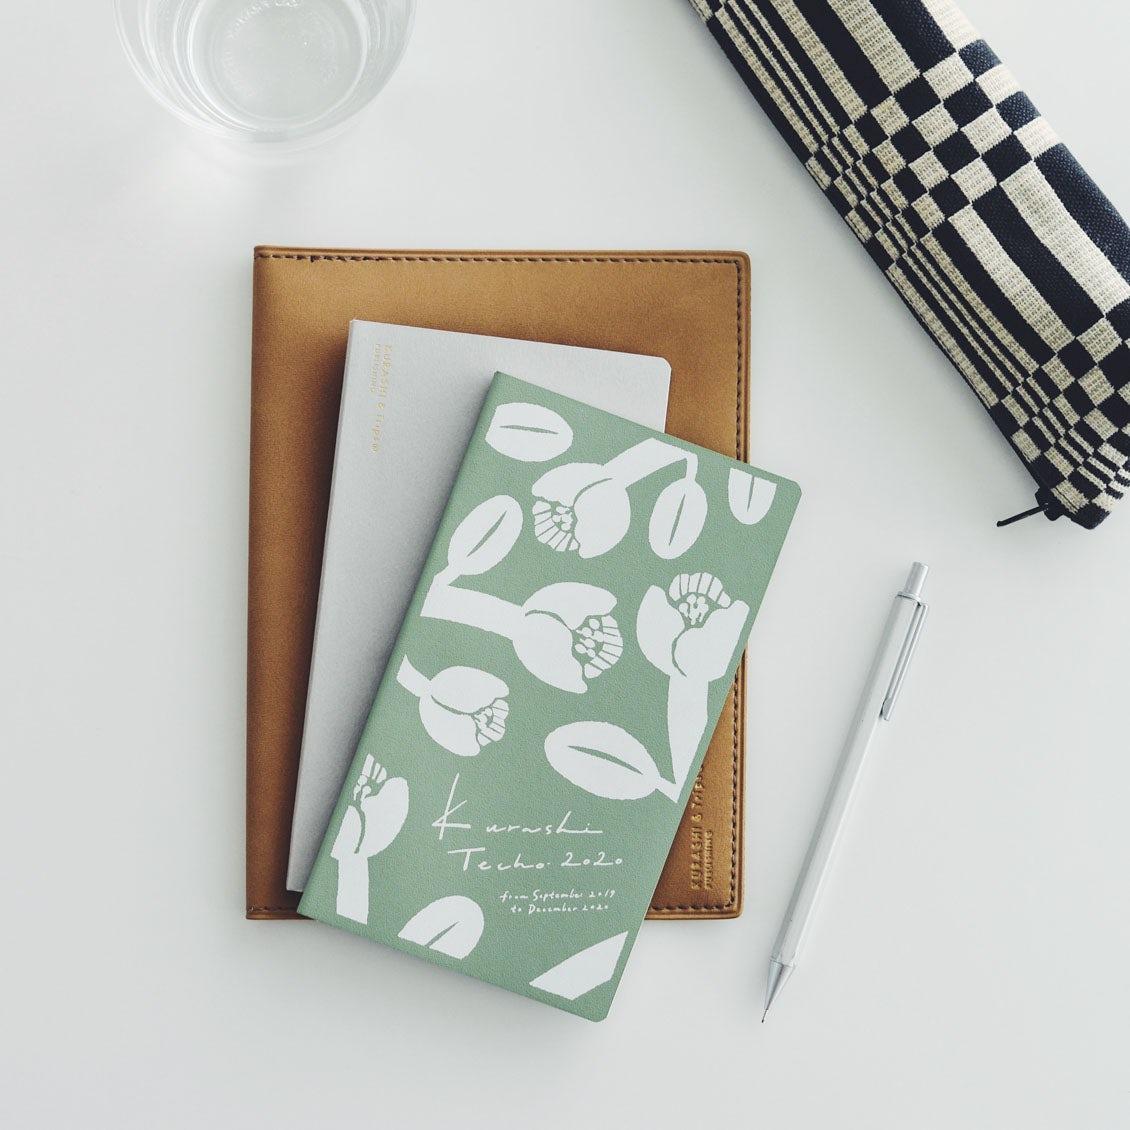 【お知らせ】クラシ手帳2020のプレゼントキャンペーンが終了しました!